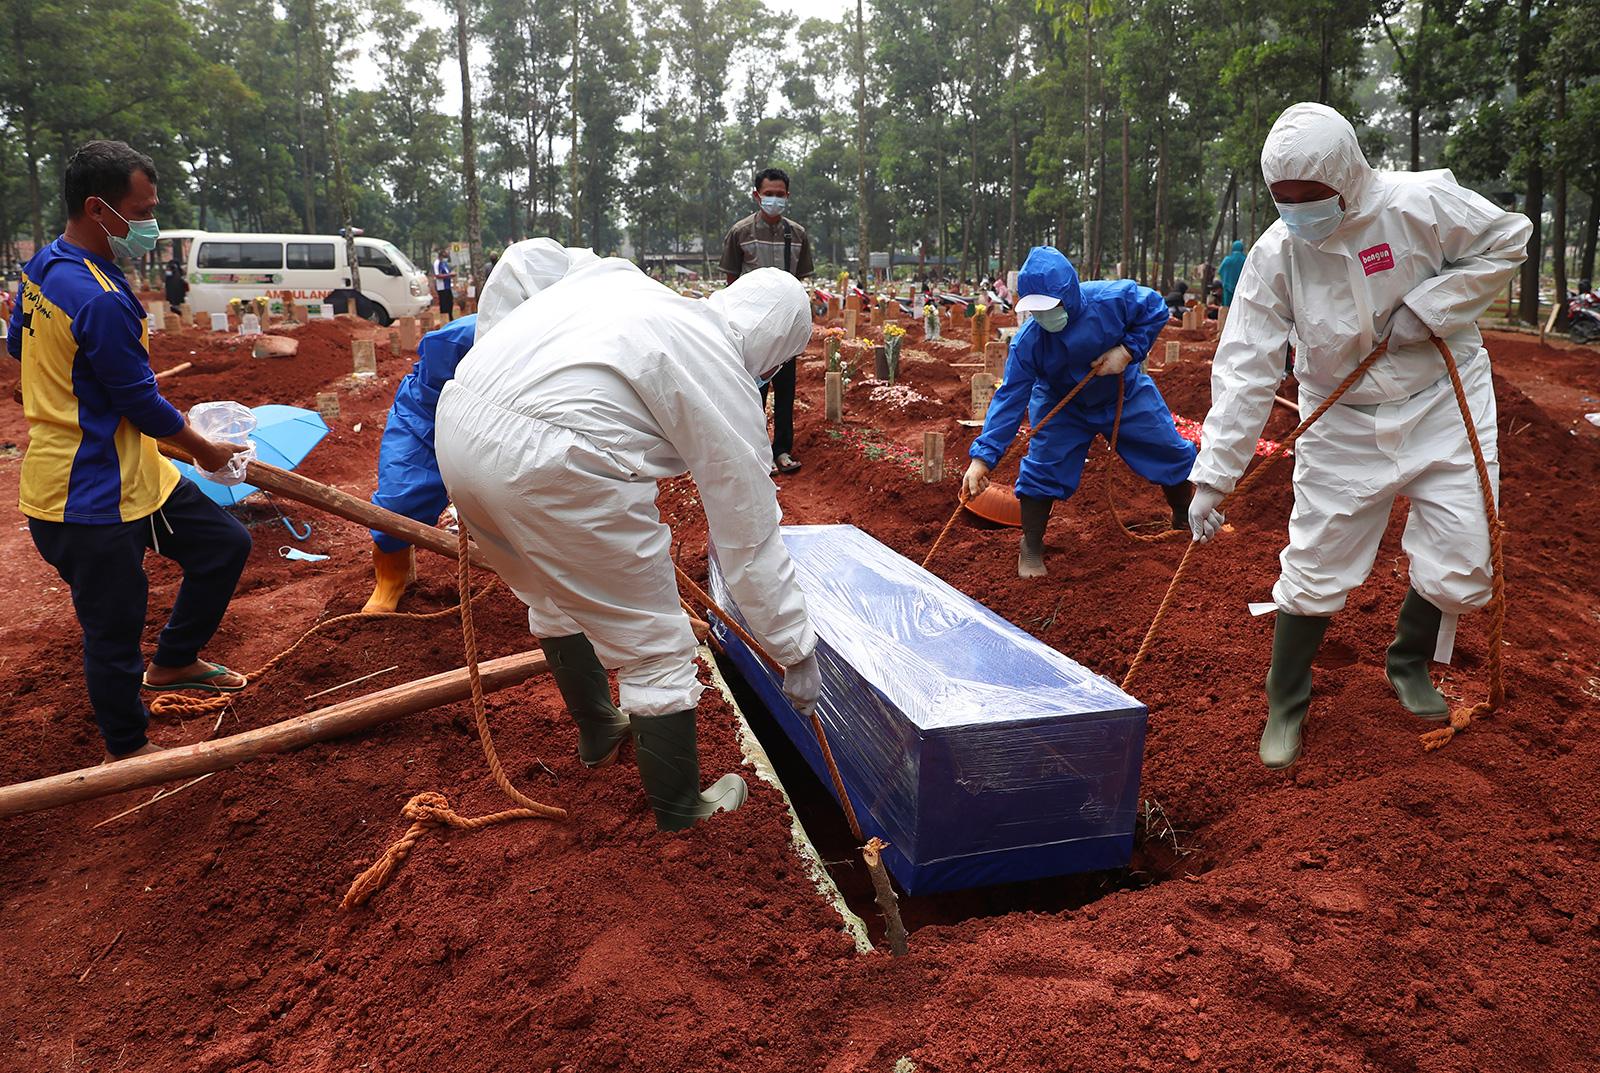 Des travailleurs en tenue de protection descendent le cercueil d'une victime de Covid-19 dans une tombe pour l'enterrer au cimetière Cipenjo à Bogor, dans l'ouest de Java, en Indonésie, le mercredi 14 juillet.